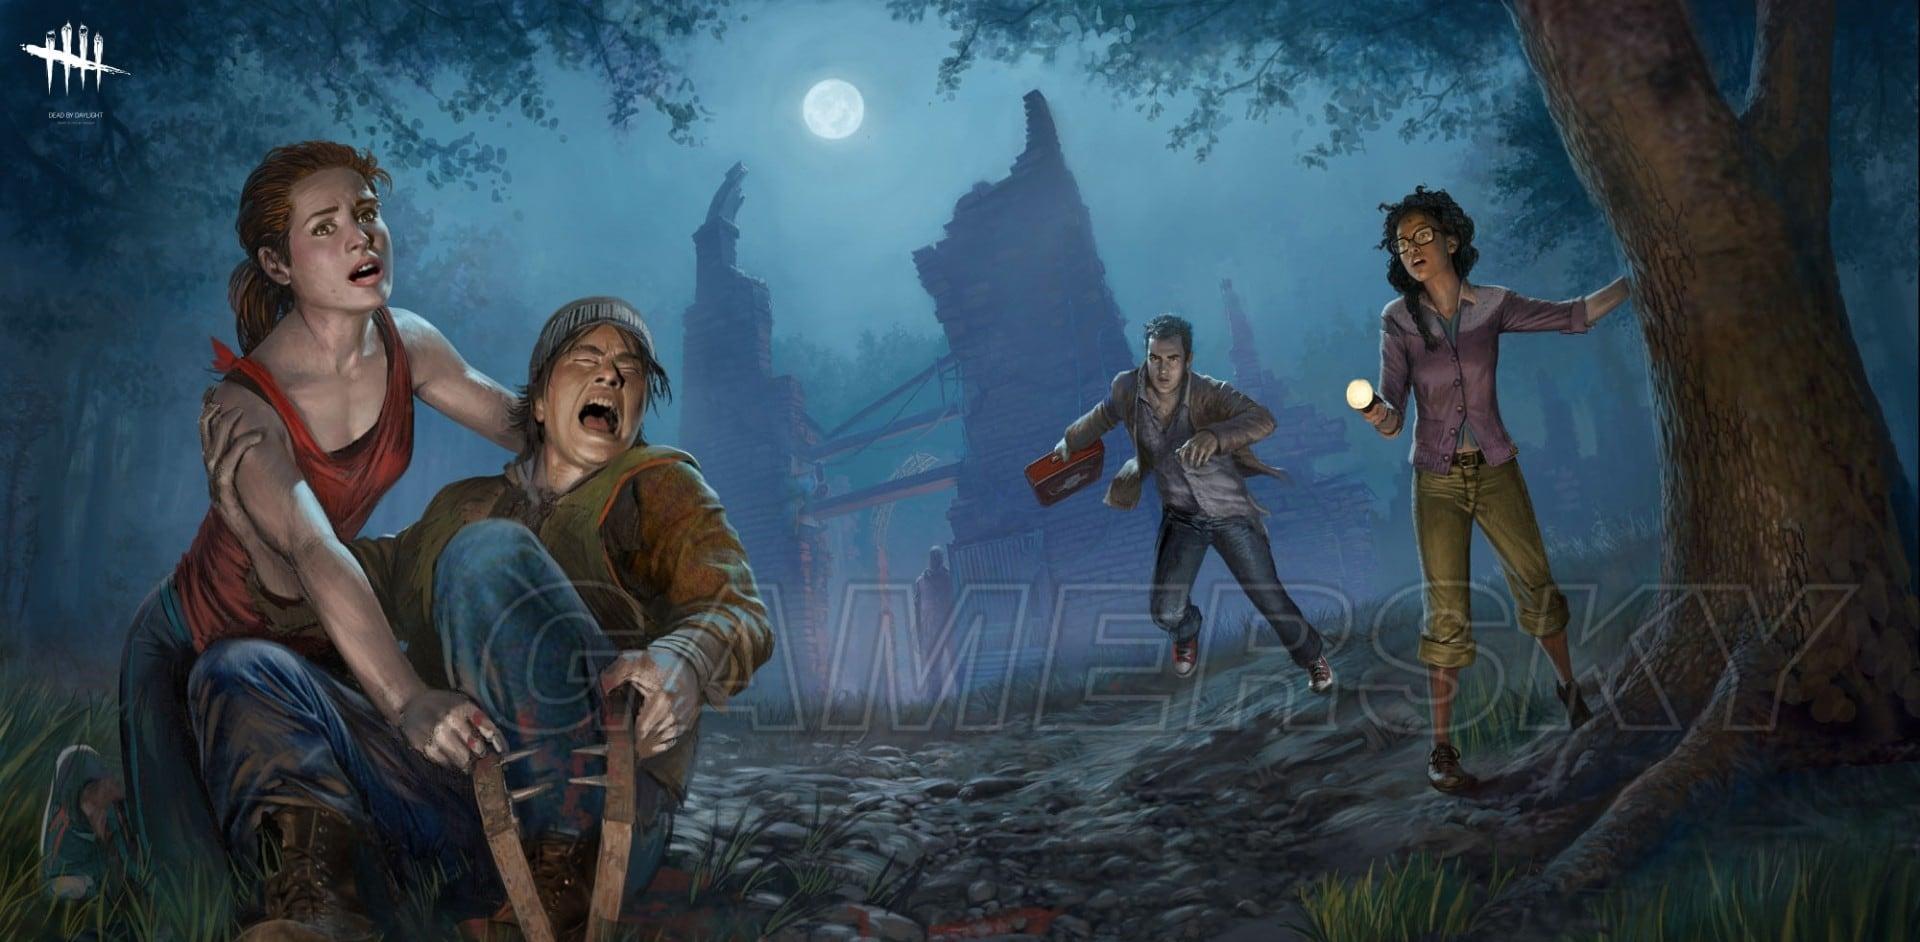 黎明死線 Dead by Daylight 倖存者玩法心得 眼鏡男與黑妹玩法感受